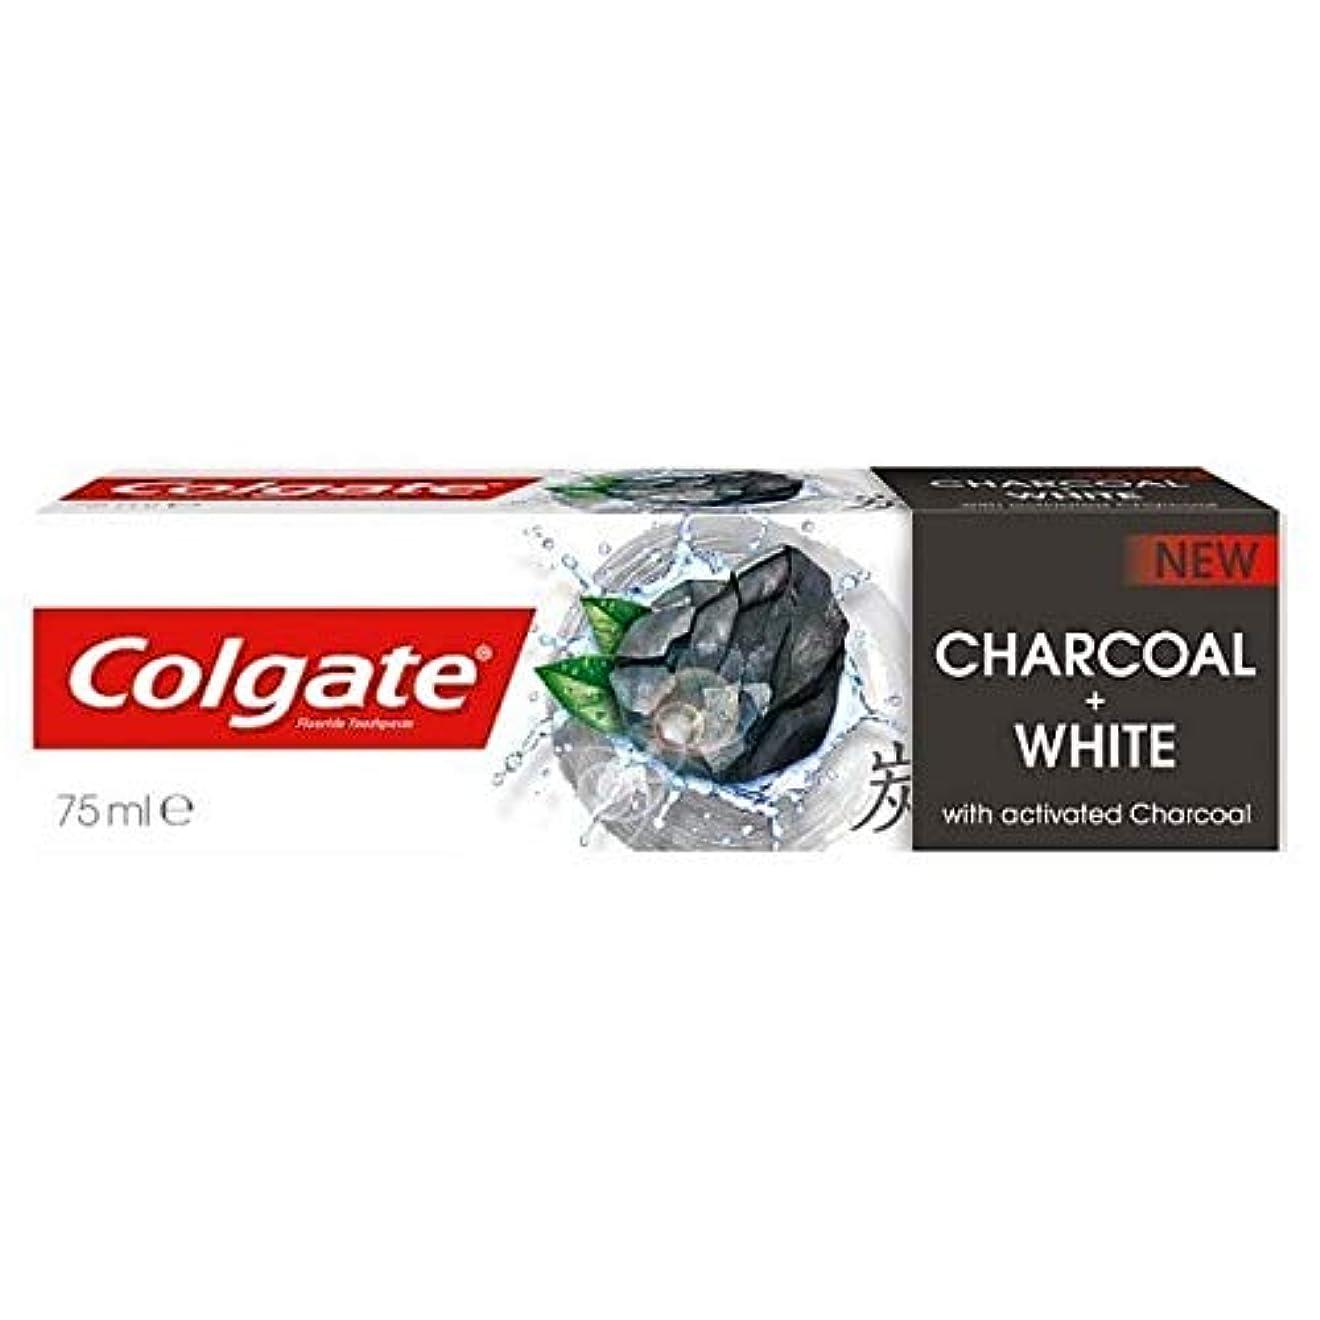 枯渇するコンサート疑問に思う[Colgate ] コルゲート歯磨きナチュラルチャコール75ミリリットル - Colgate Toothpaste Naturals Charcoal 75ml [並行輸入品]